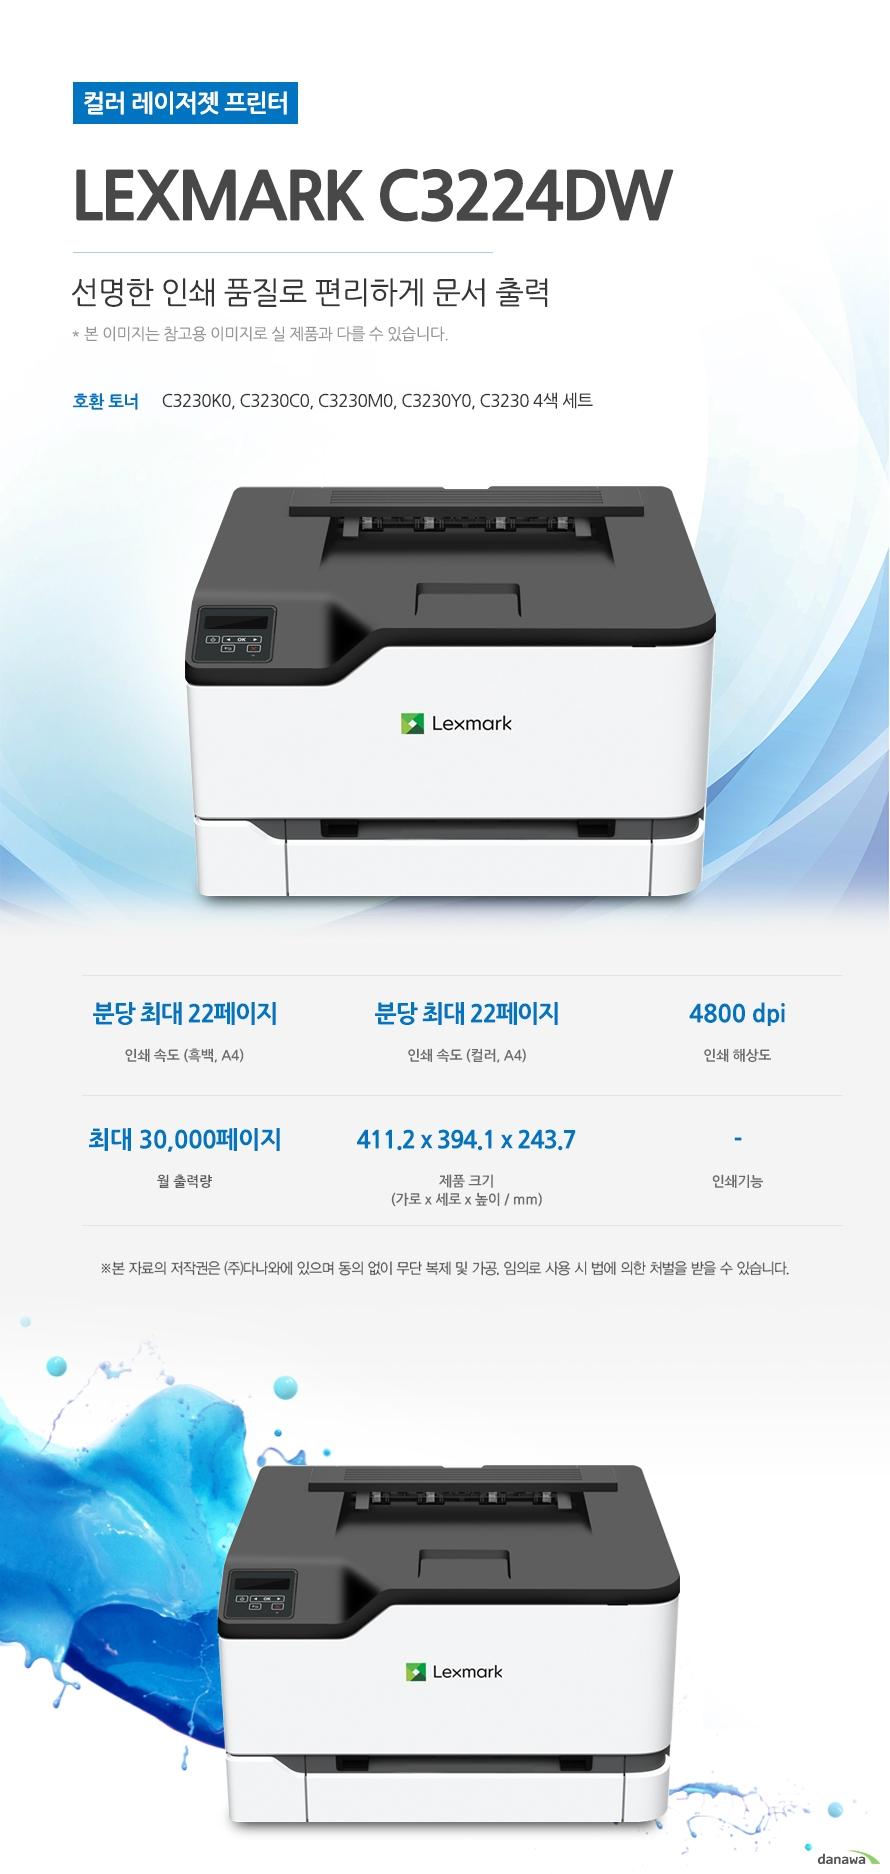 Lexmark C3224dw (기본토너) 선명한 인쇄 품질로 편리하게 문서 출력  호환 토너 C3230K0, C3230C0, C3230M0, C3230Y0, C3230 4색 세트 인쇄 속도 (흑백, A4) 분당 최대 22페이지 / 인쇄 속도 (컬러, A4) 분당 최대 22페이지 / 인쇄 해상도 4800 dpi / 월 출력량 최대 30,000페이지 / 제품 크기 (mm) 가로 411.2 세로 394.1  x 높이 243.7   최대 22ppm의 빠른 인쇄 속도 다양한 문서에 대한 빠른 인쇄로 가정, 학교, 사무실 등 어느 환경에서나 답답함 없이 문서를 출력하실 수 있습니다.  *ppm: pages per minute (1분에 출력하는 페이지 수) 흑백 출력 속도 22ppm 컬러 출력 속도 22ppm 첫 장 인쇄 11.1초어느 공간에나 어울리는 컴팩트한 사이즈  컴팩트한 사이즈로 다양한 환경에서 부담없이 설치하고 효율적으로 배치시킬 수 있습니다. (mm) 가로 411.2 세로 394.1  x 높이 243.7